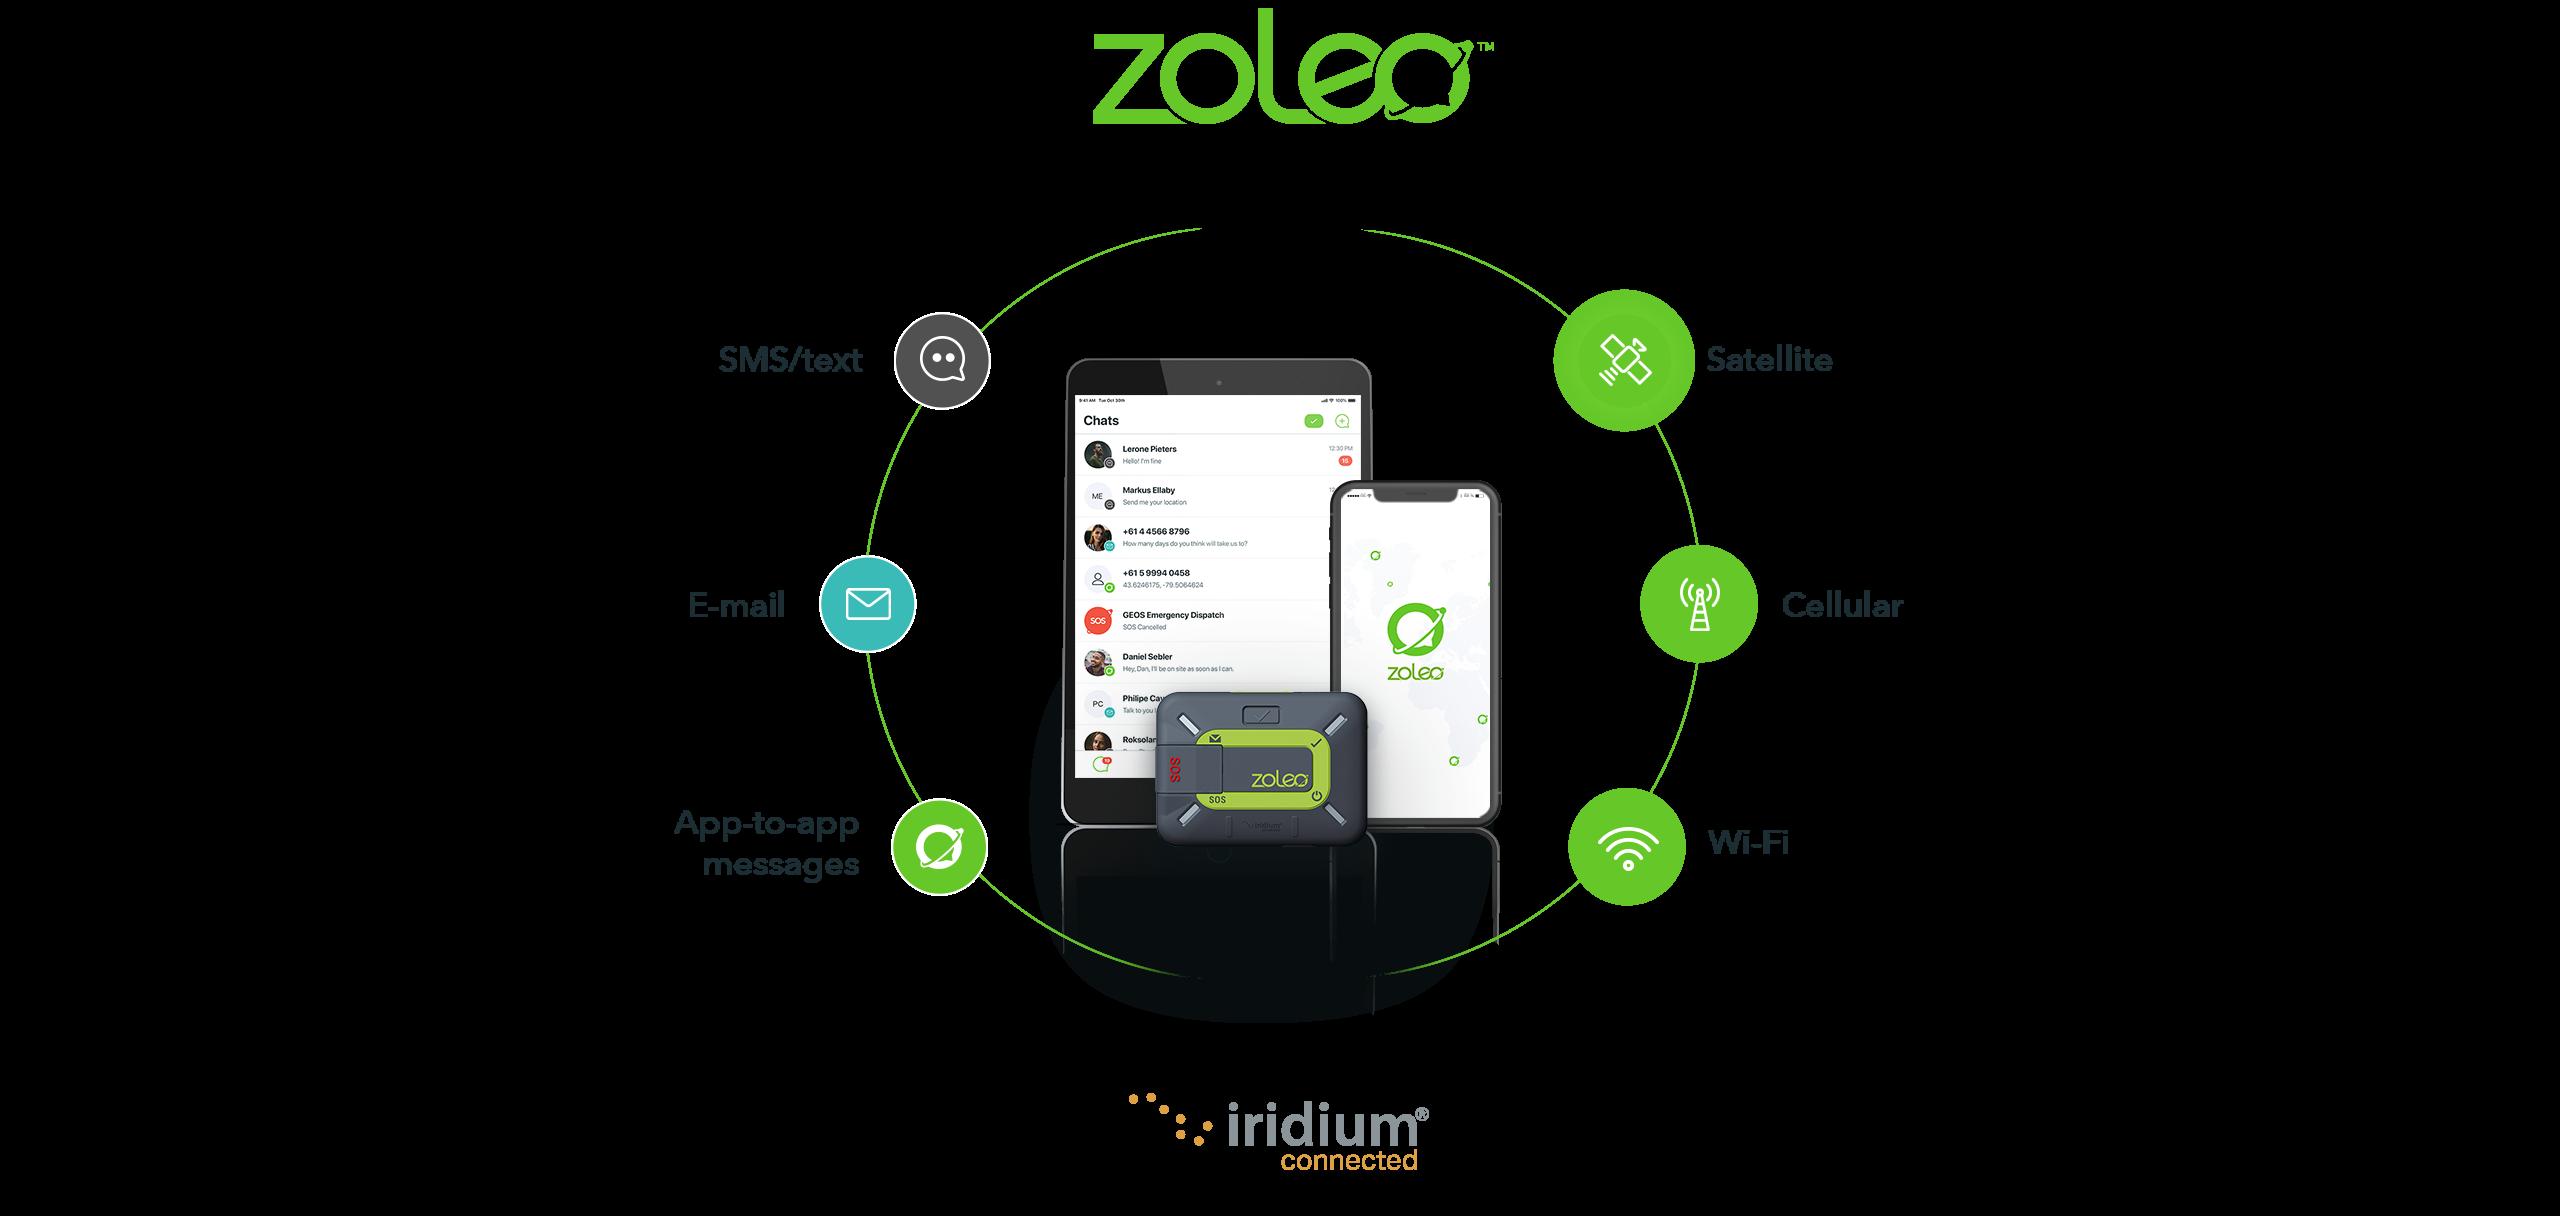 ZOLEO How It Works